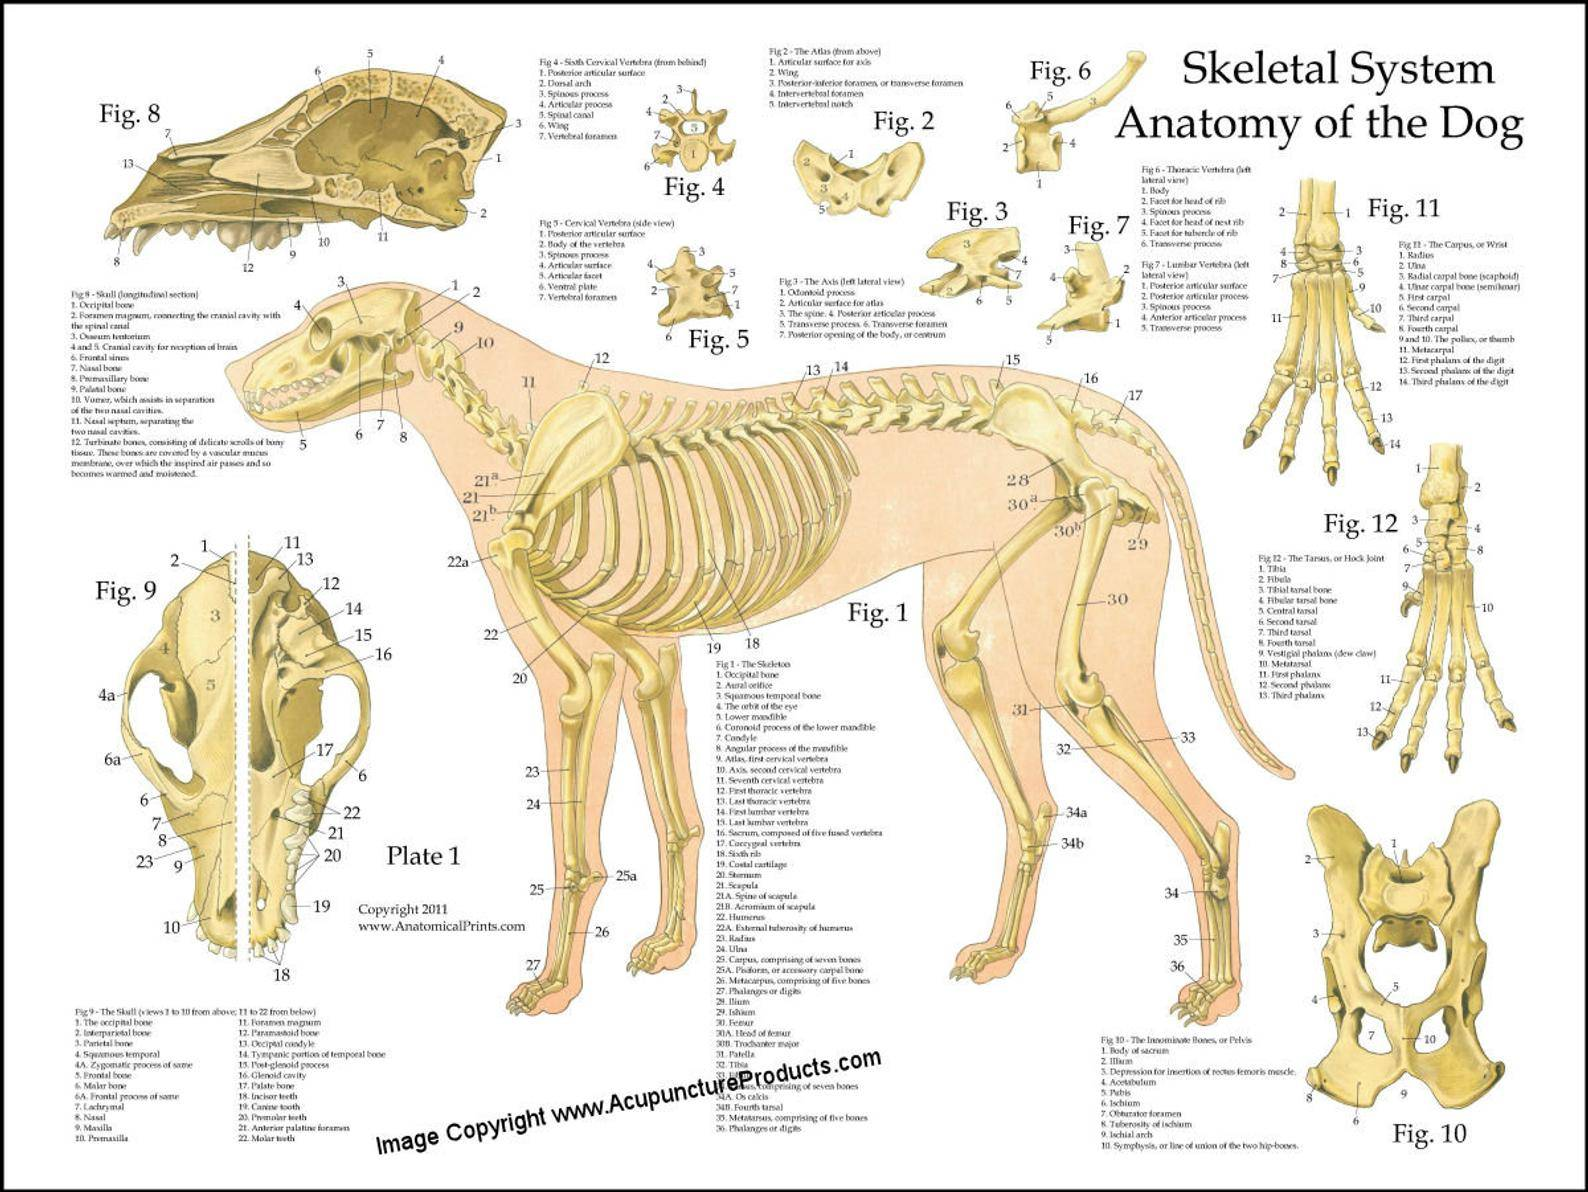 Анатомия сельскохозяйственных животных. контрольная работа. биология. 2012-10-31